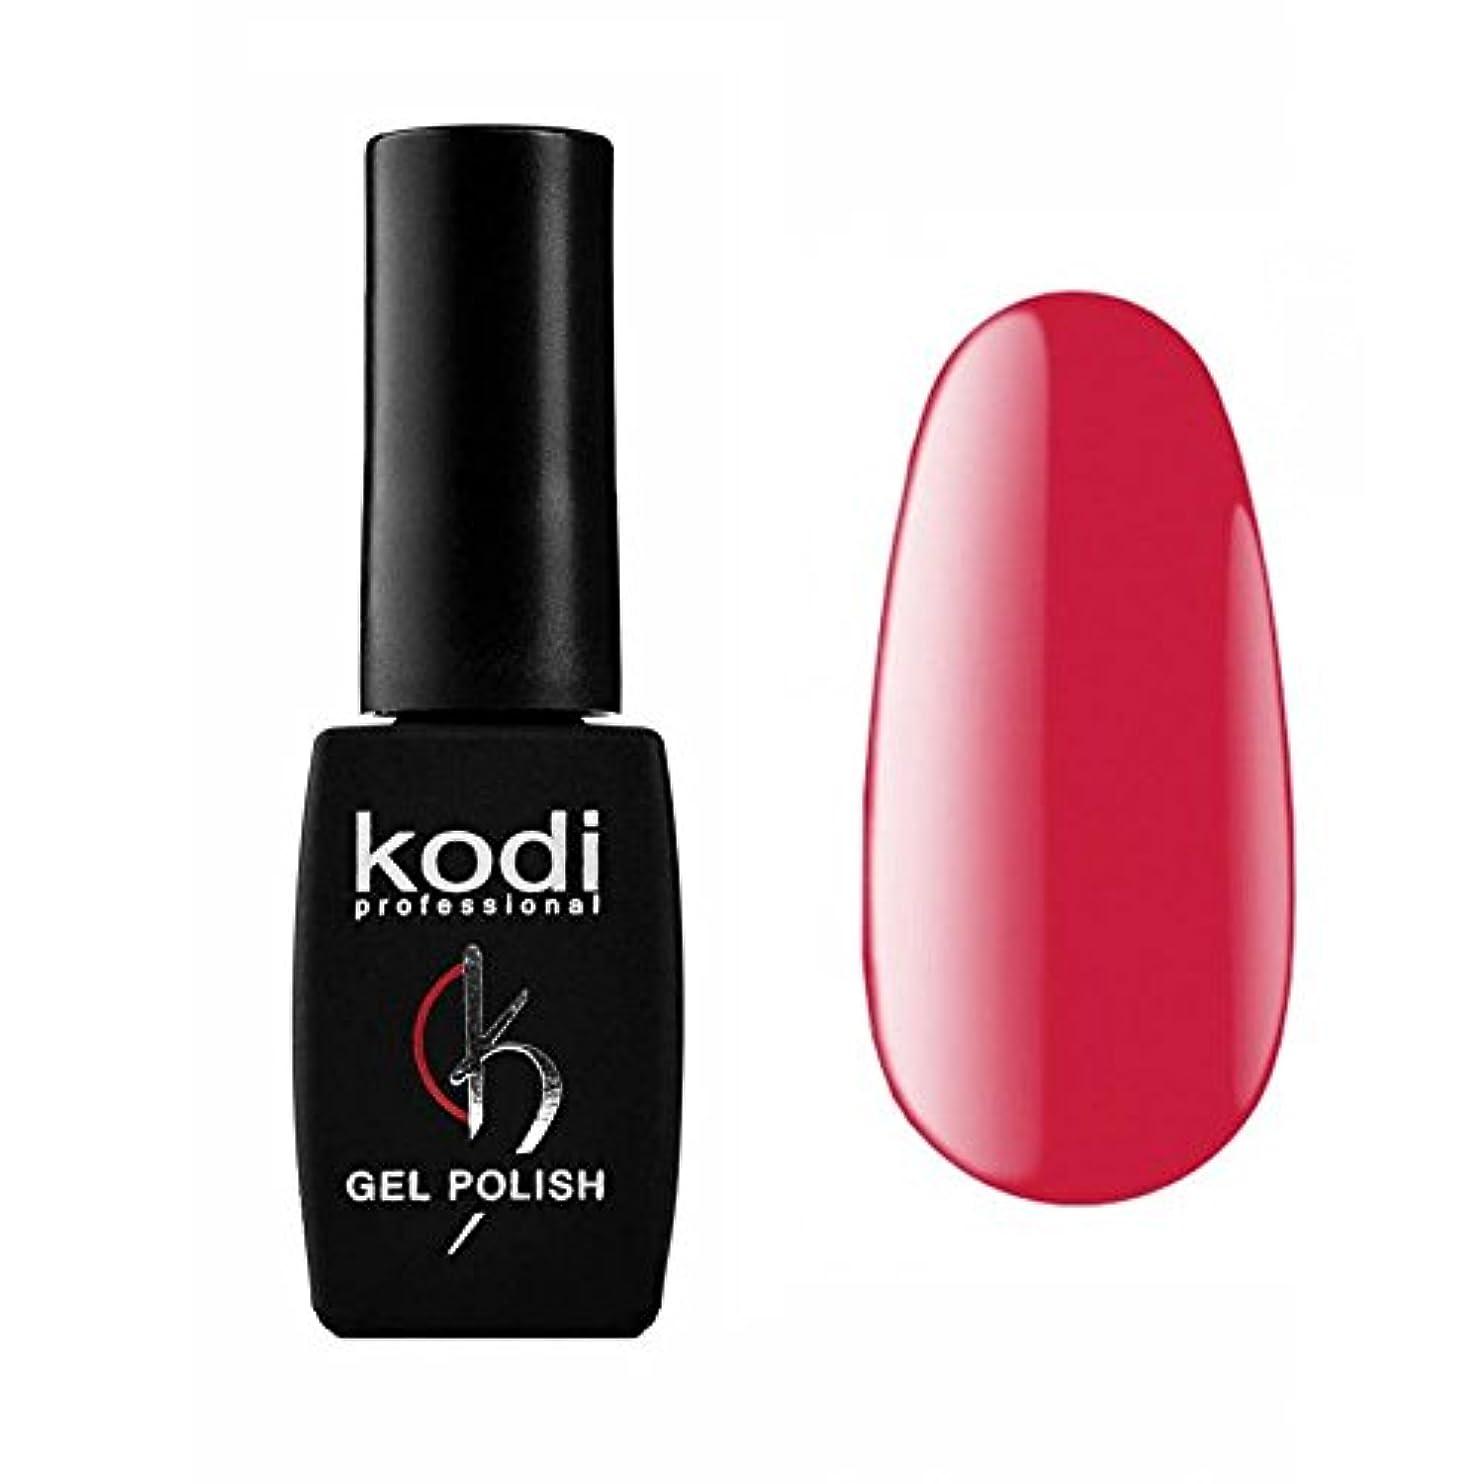 振動する森ウイルスKodi Professional New Collection P Pink #120 Color Gel Nail Polish 12ml 0.42 Fl Oz LED UV Genuine Soak Off